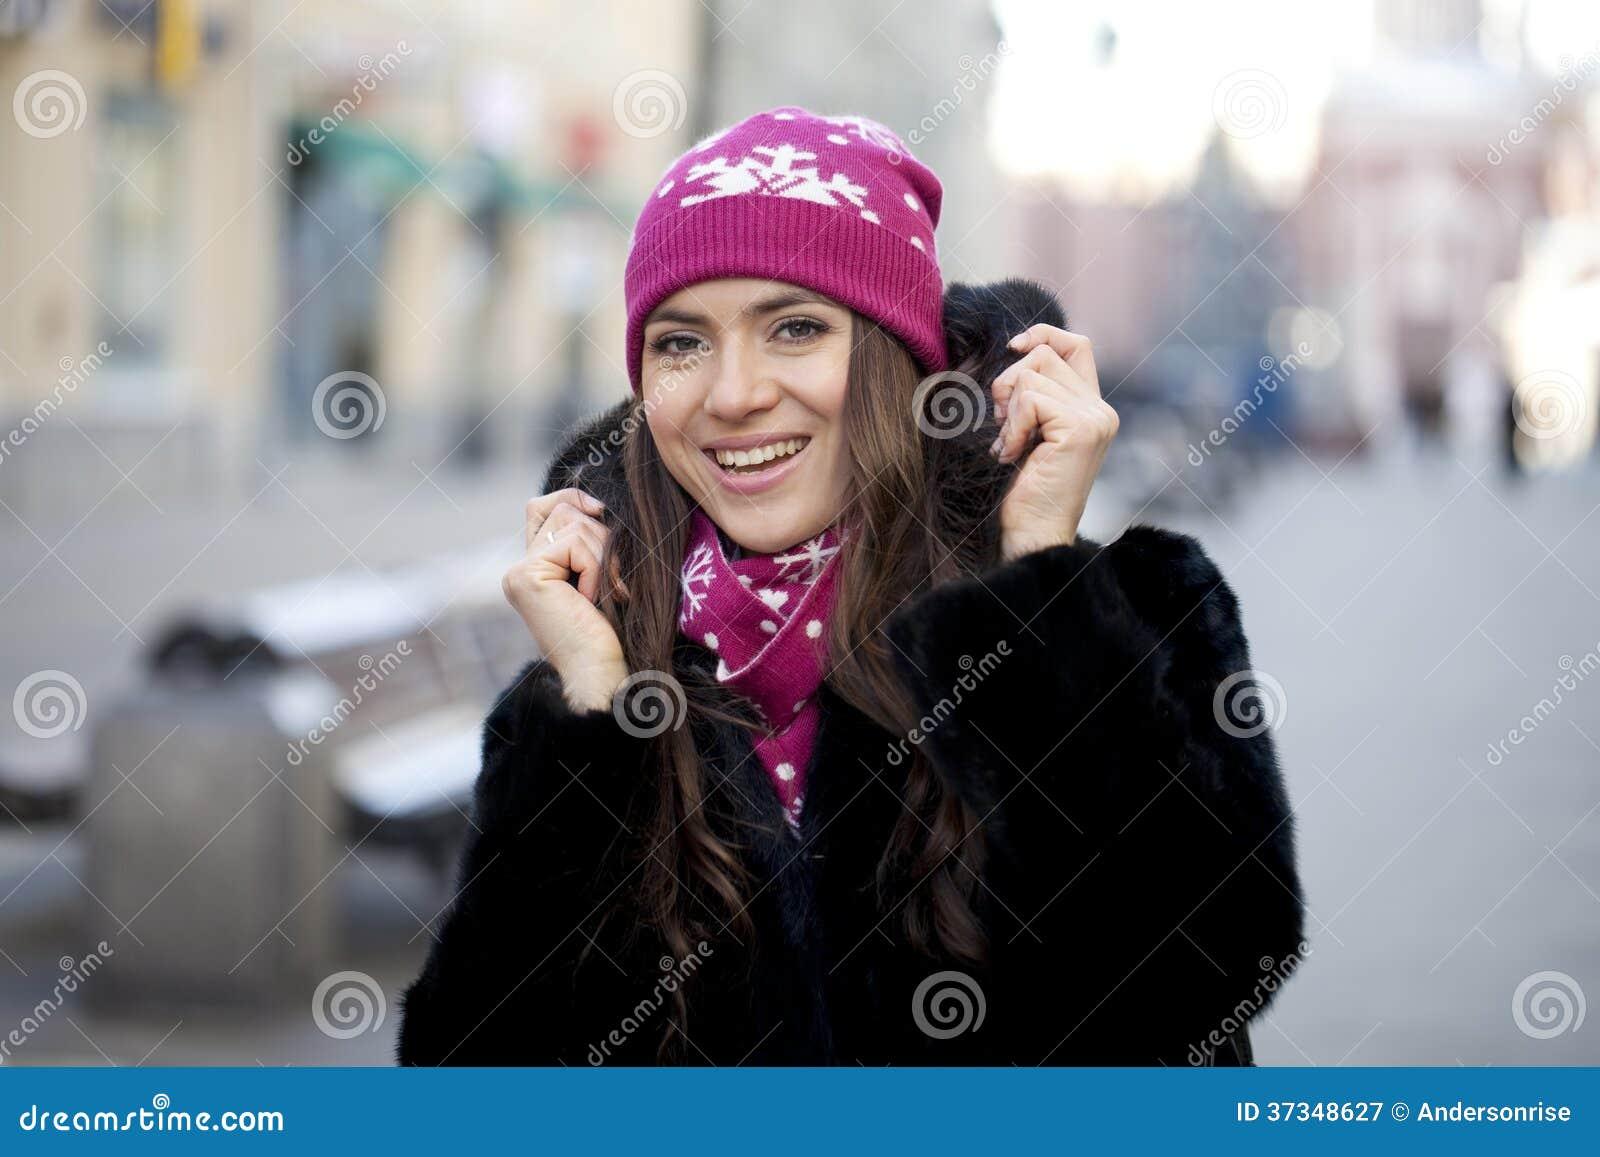 冬天城市的背景的愉快的少妇